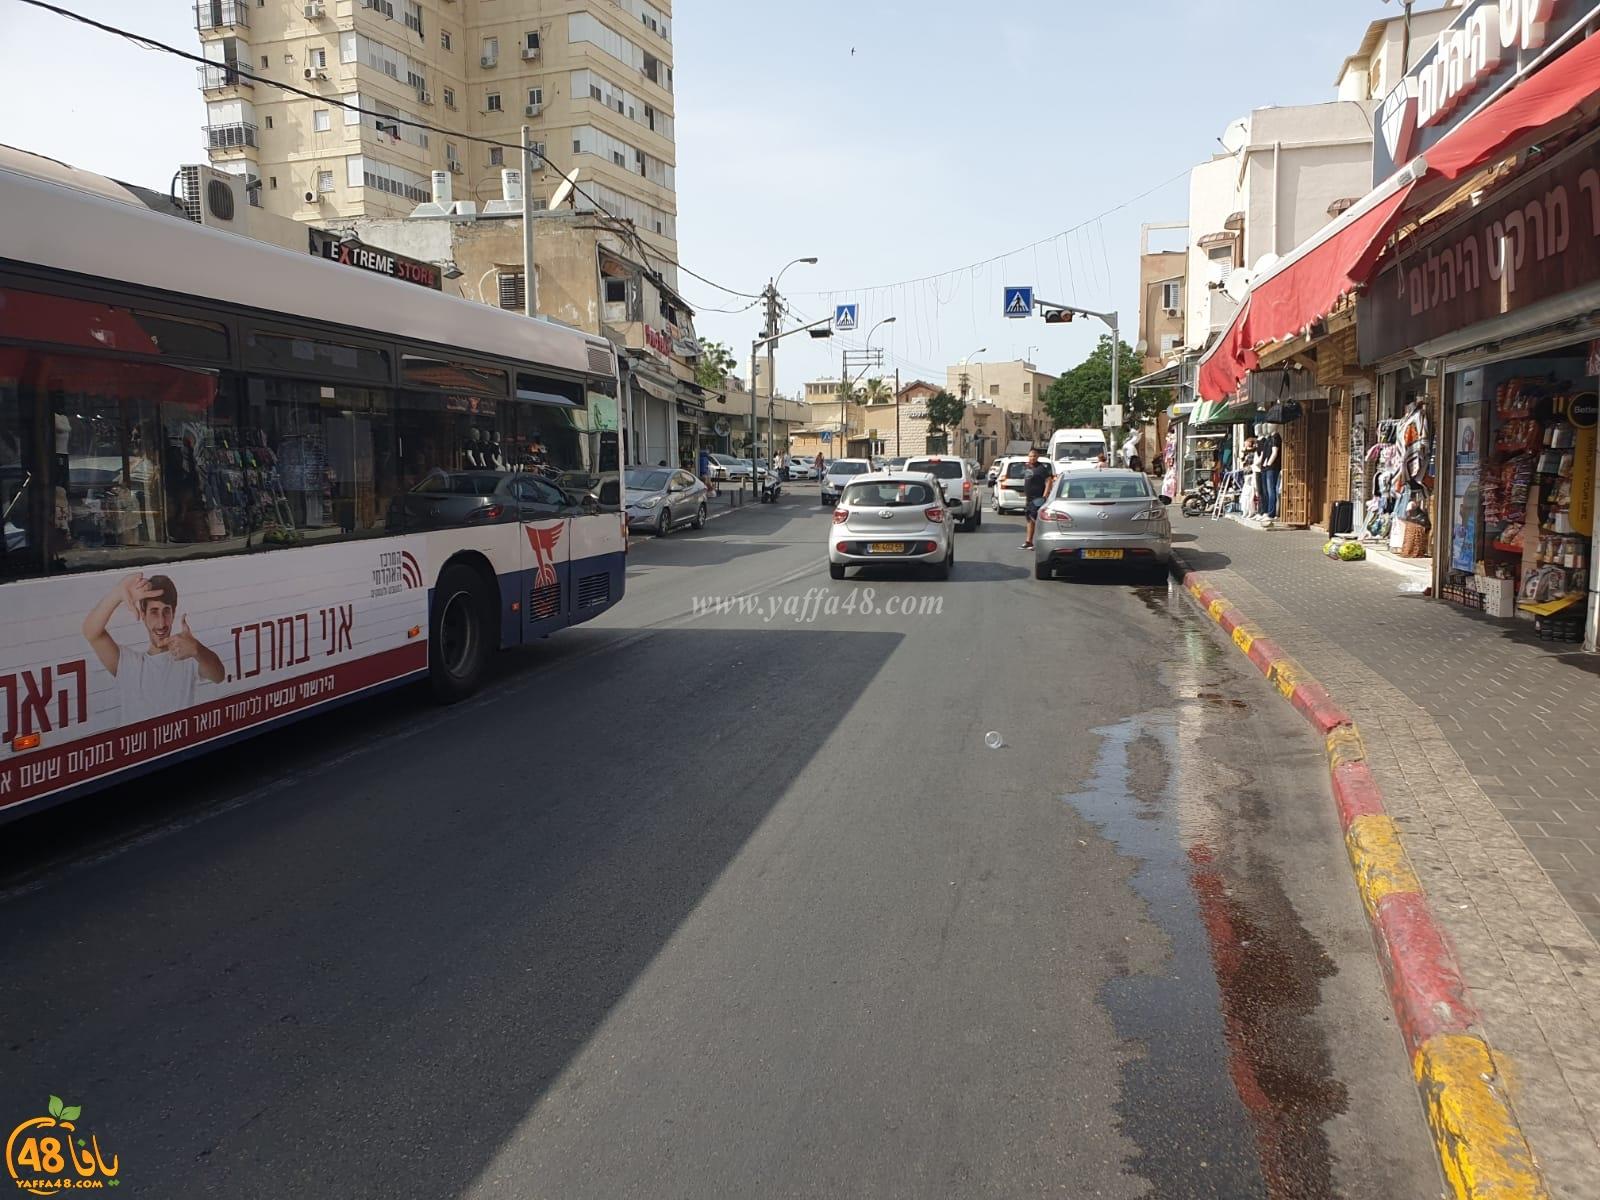 يافا: مطالب بإنشاء مطبات في شارع ييفت للحد من السرعة الزائدة وحوادث السير